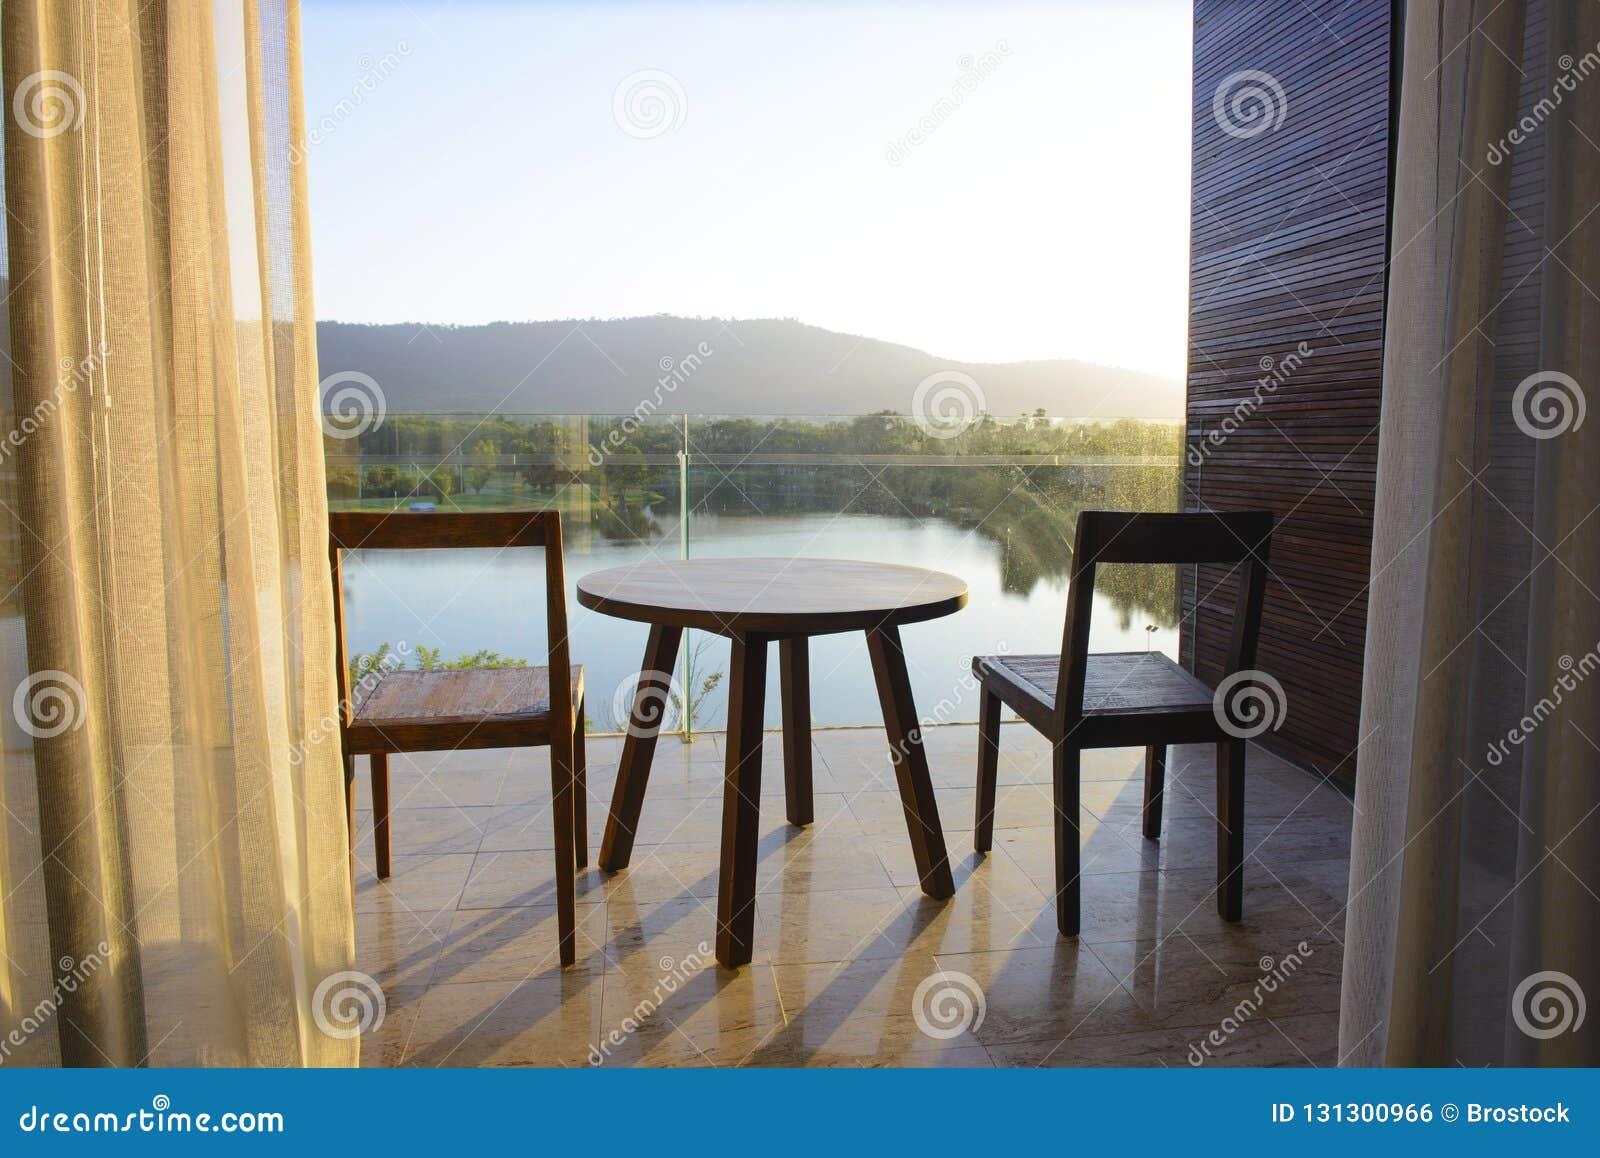 Balkon des Hausseeblicks mit Holztisch und Stuhl